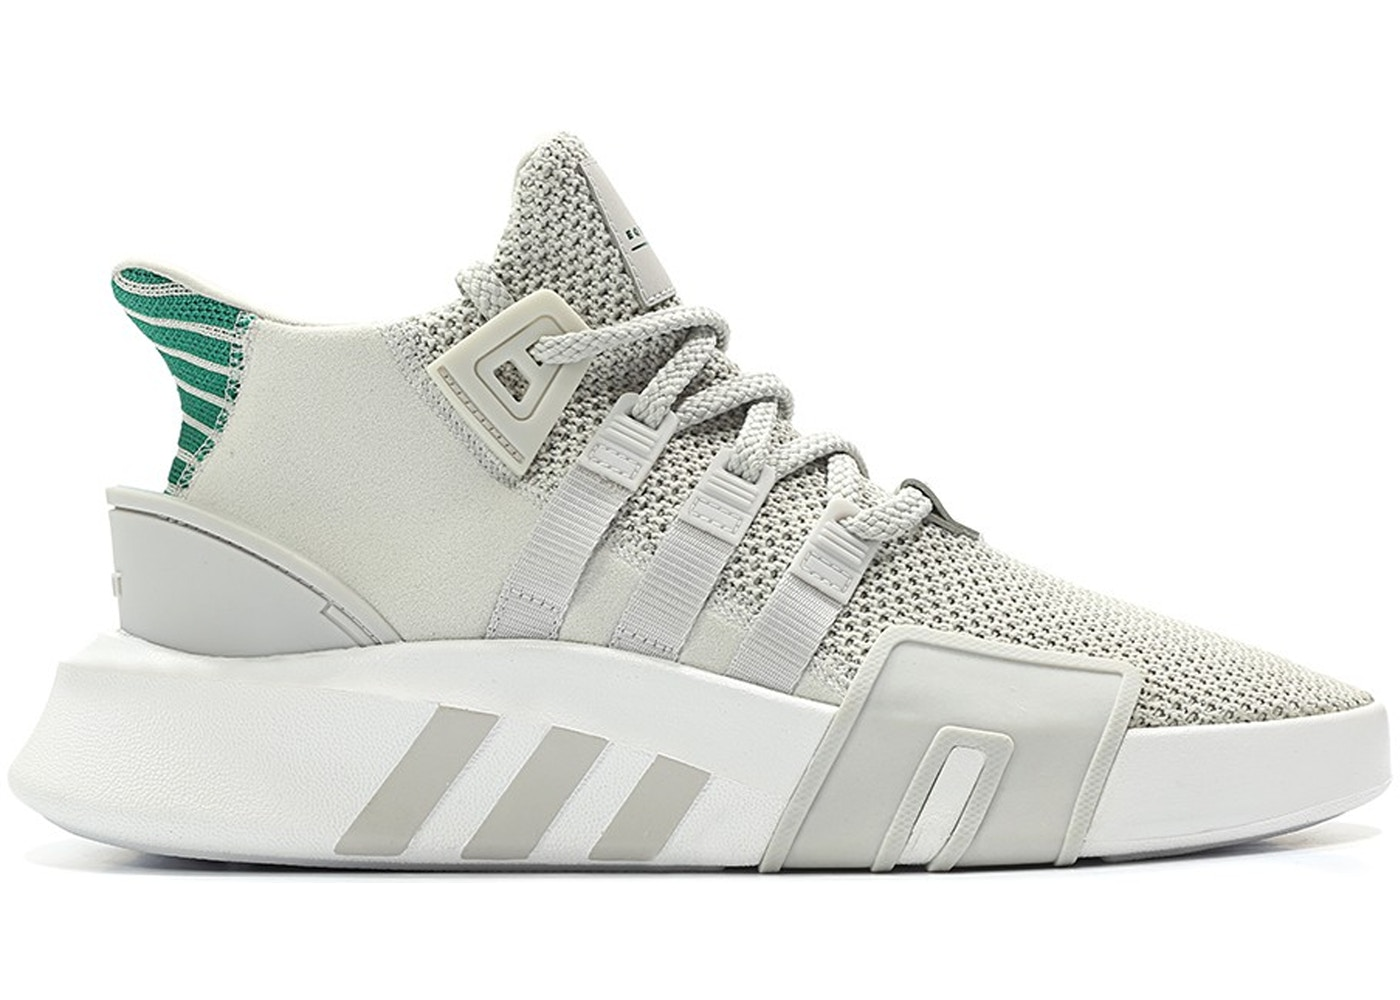 adidas eqt bask adv white